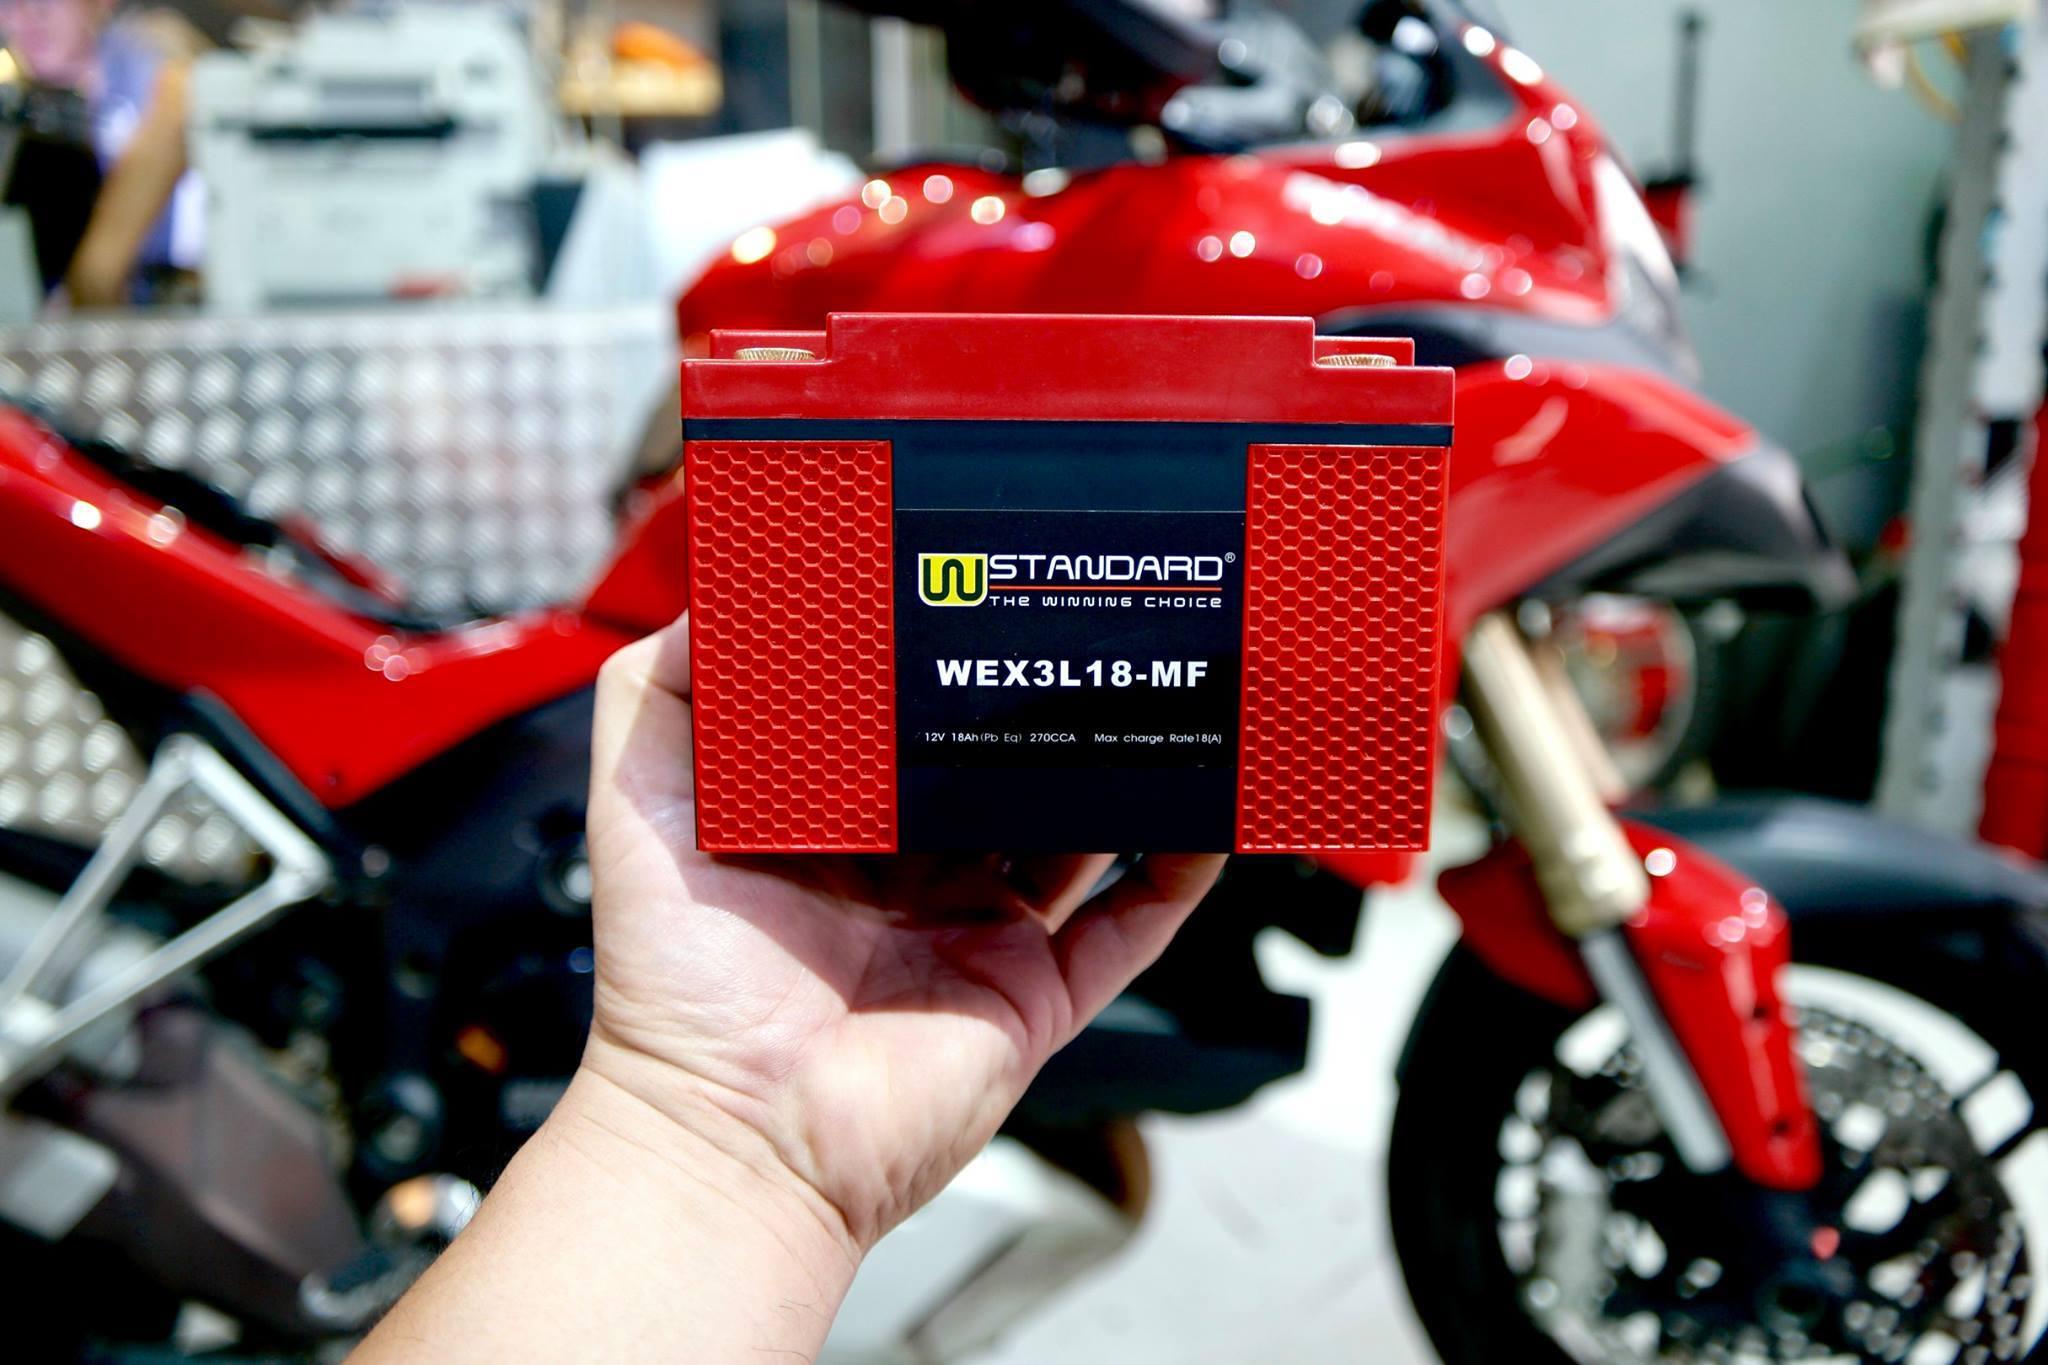 แบตเตอรี่ลิเธียม W-Standard รุ่น WEX3L18-MF (W-Standard Lithium Battery WEX3L18-MF)